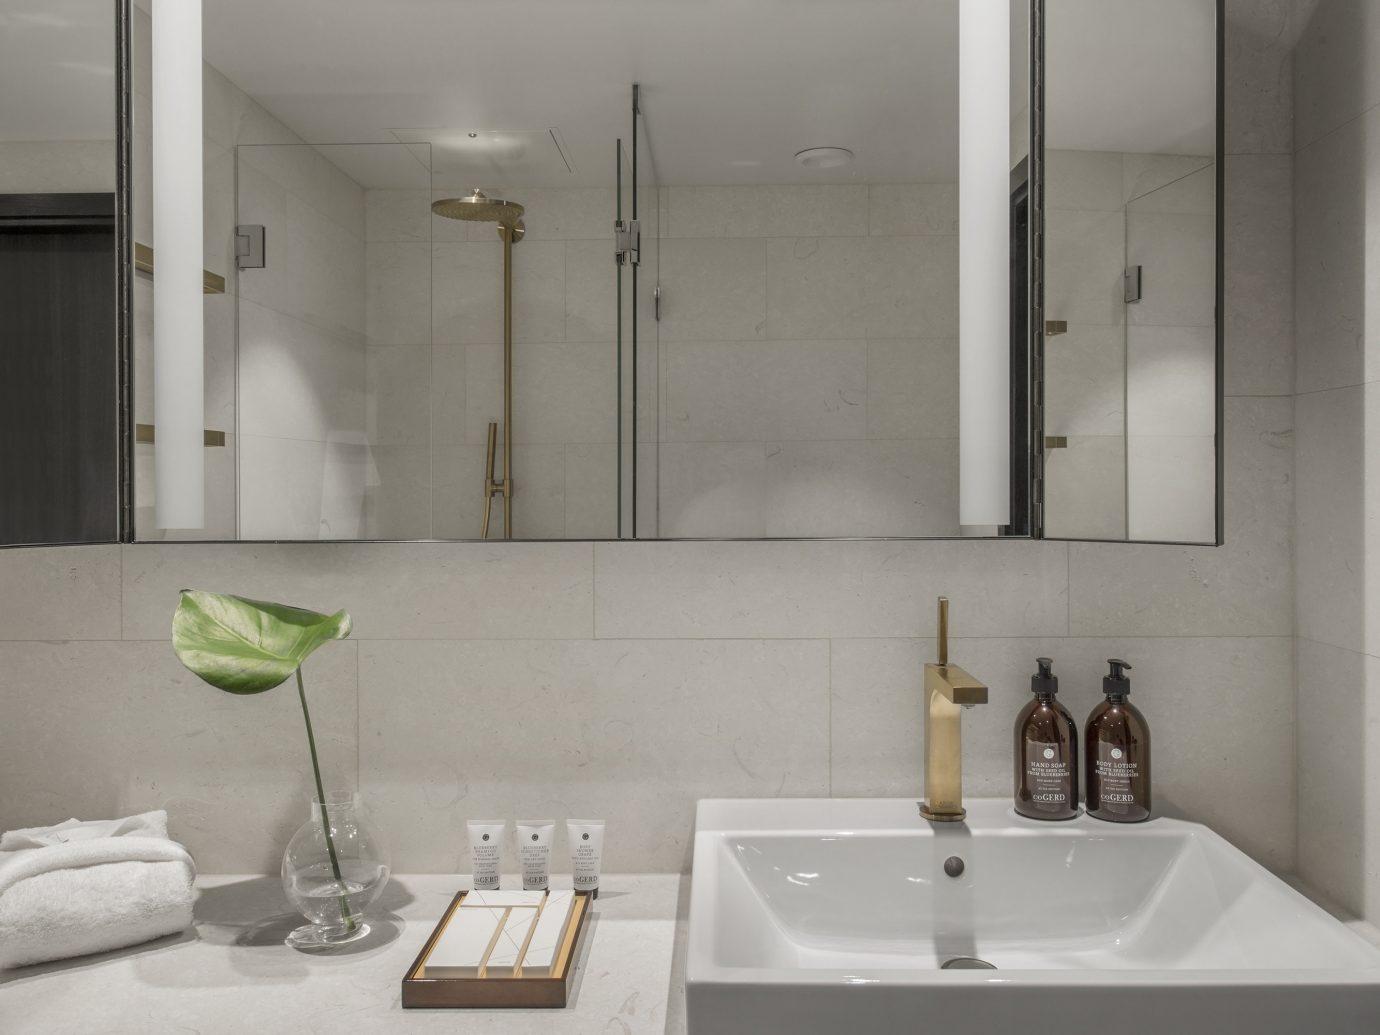 Hotels Stockholm Sweden wall indoor bathroom mirror sink property room interior design tap bathroom accessory counter home product design floor plumbing fixture toilet tile